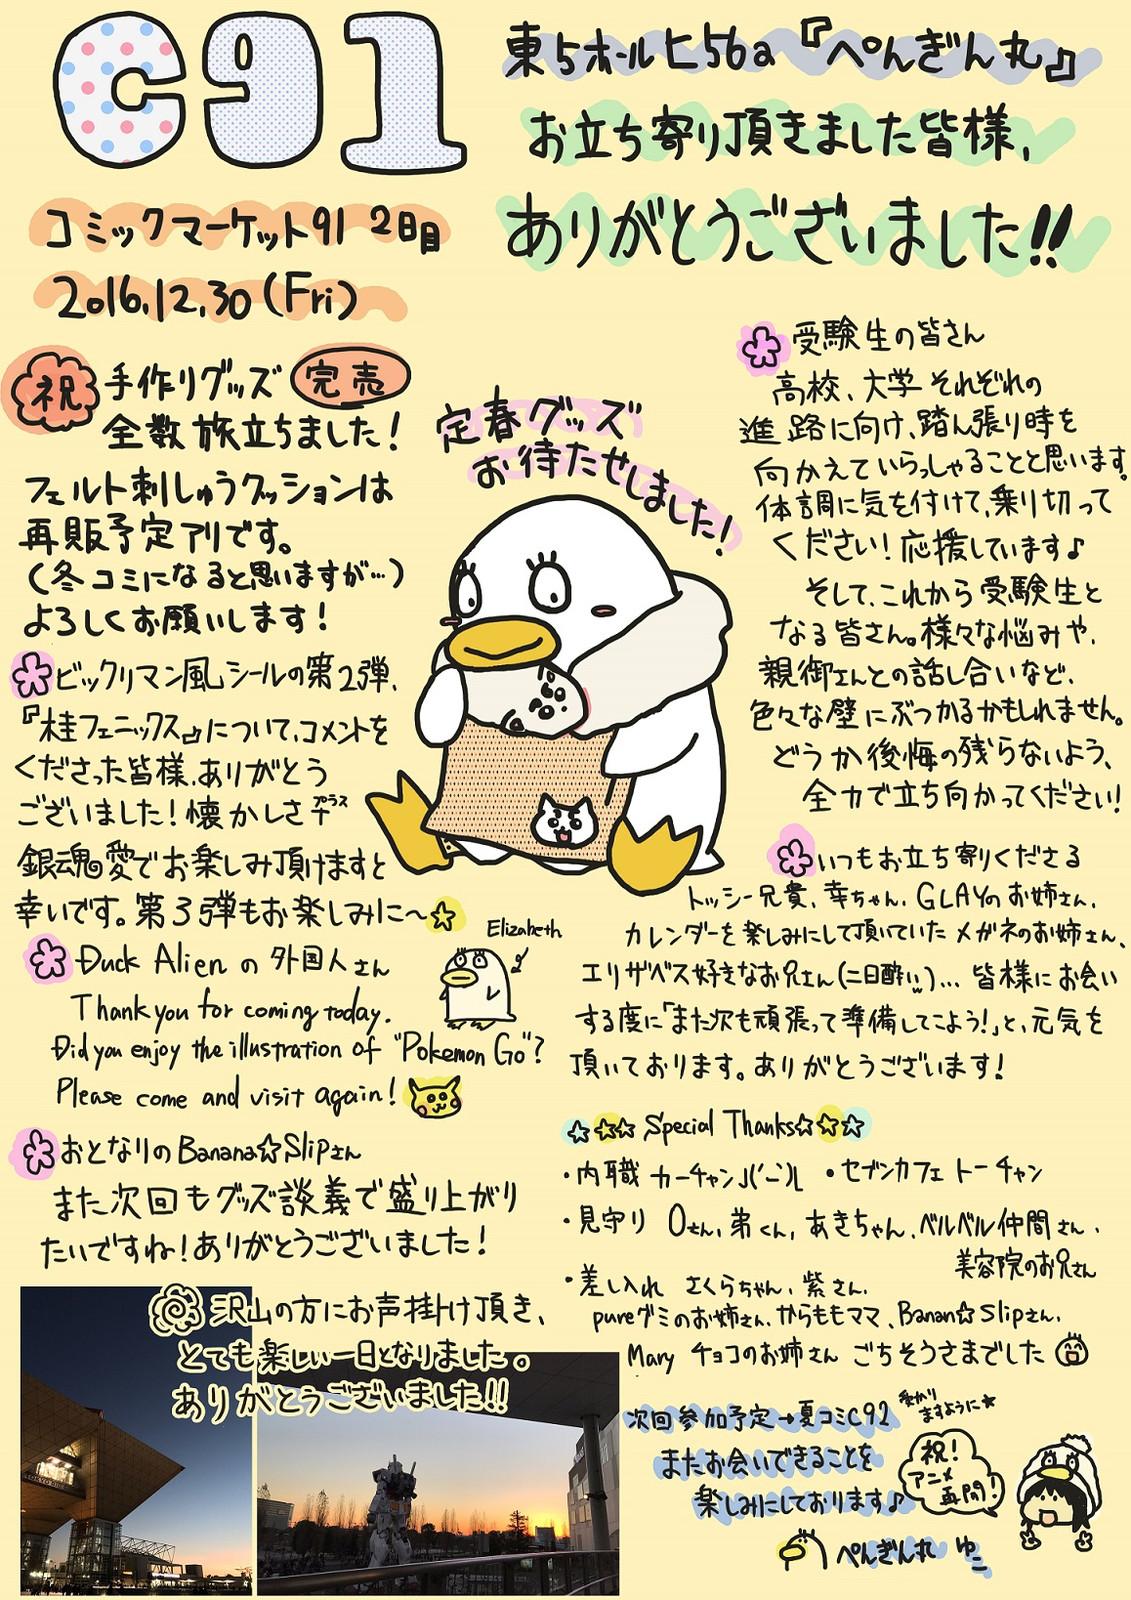 2016c91_thx_mini